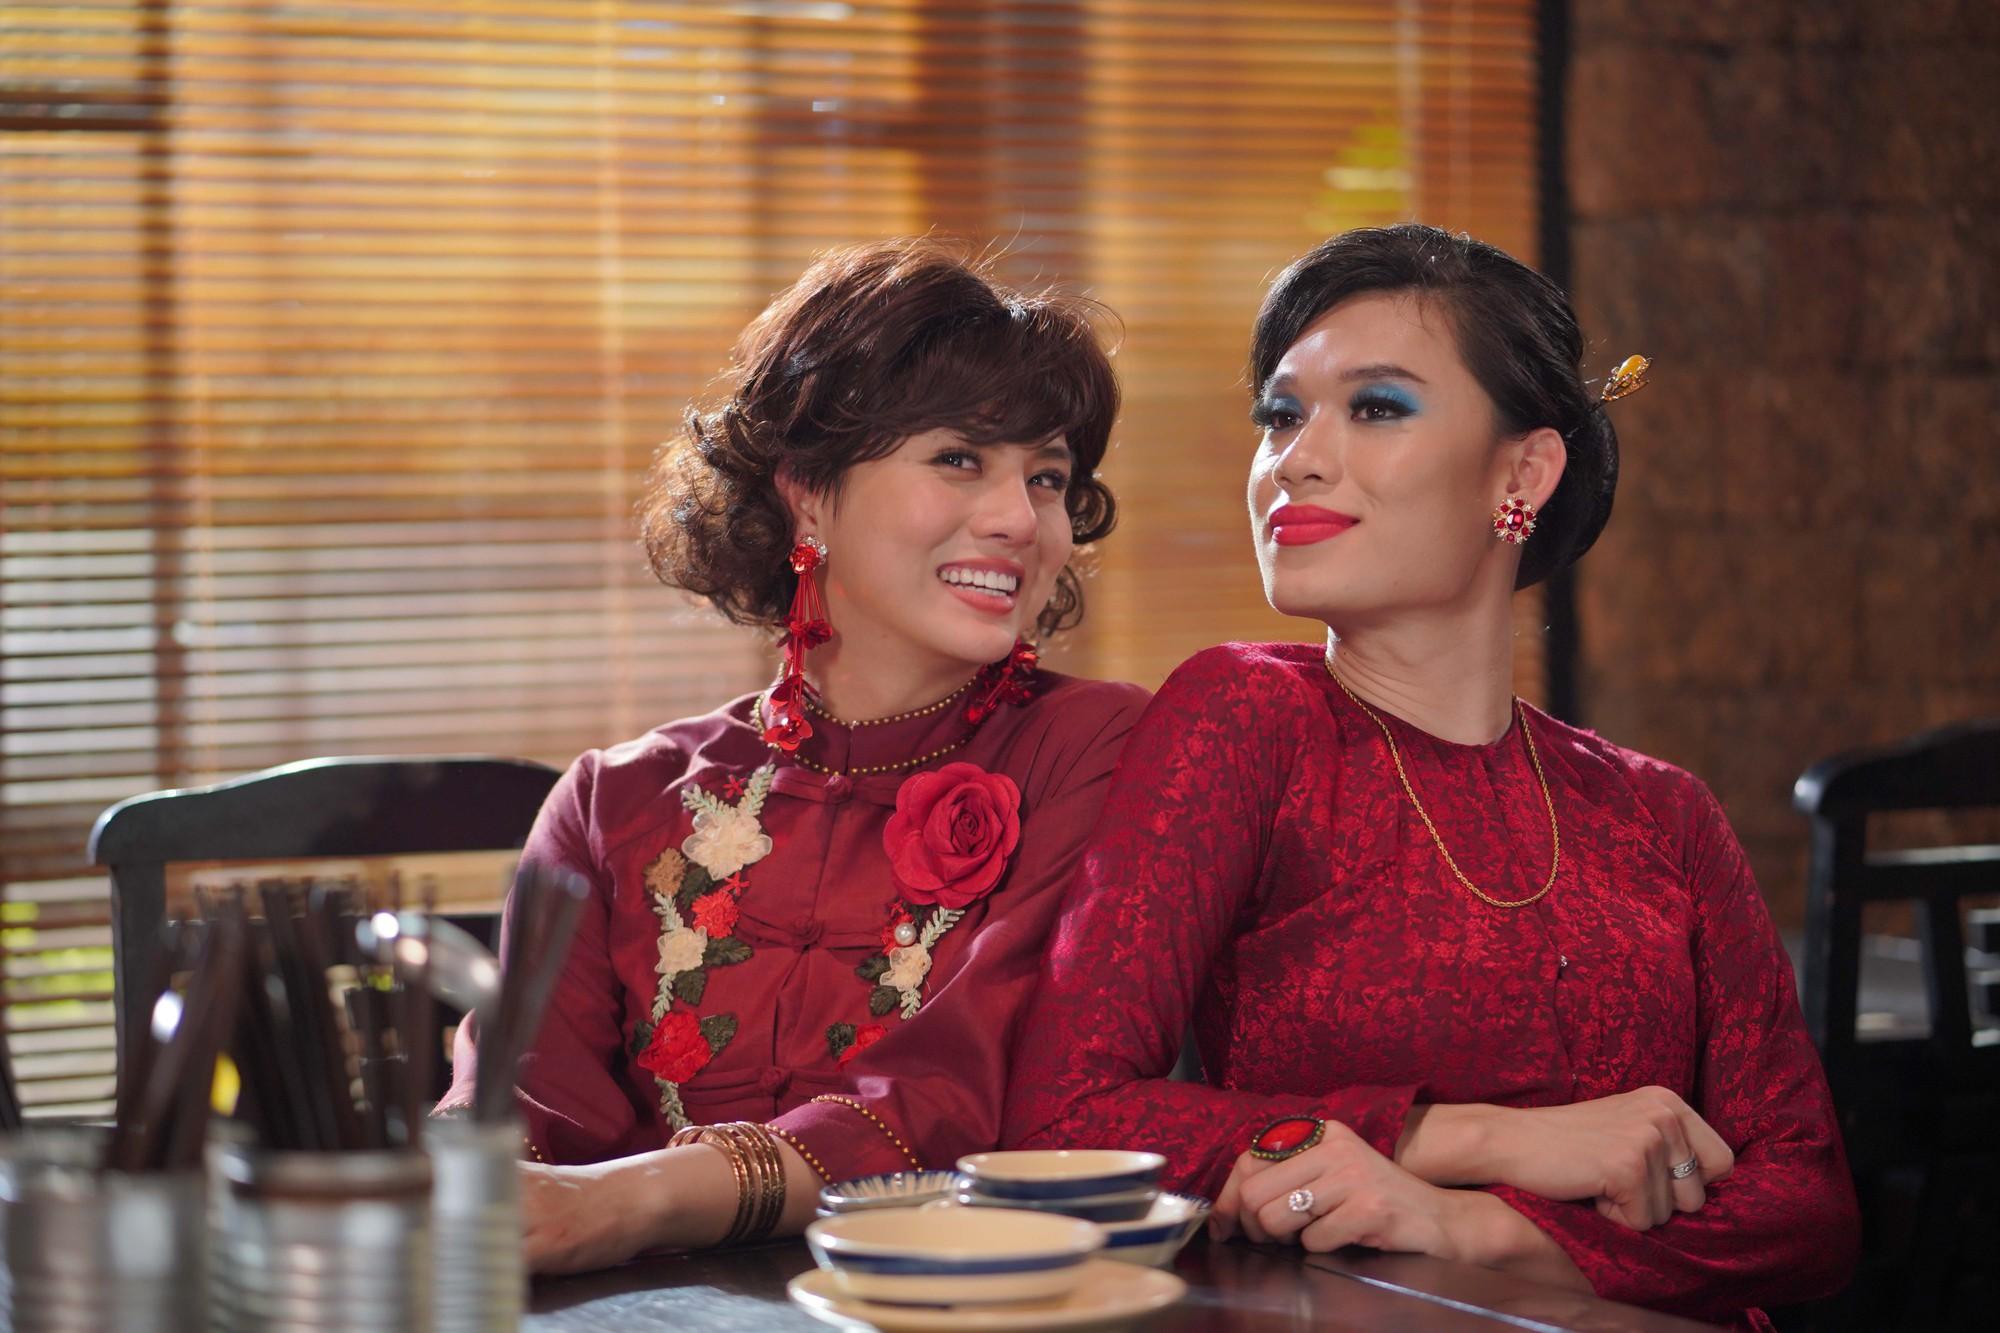 Duy Khánh và Quang Trung Tết này rủ nhau trở thành 2 bà cô vừa già, vừa ế vừa khó tính trong web drama Bà 5 Bống - Ảnh 3.